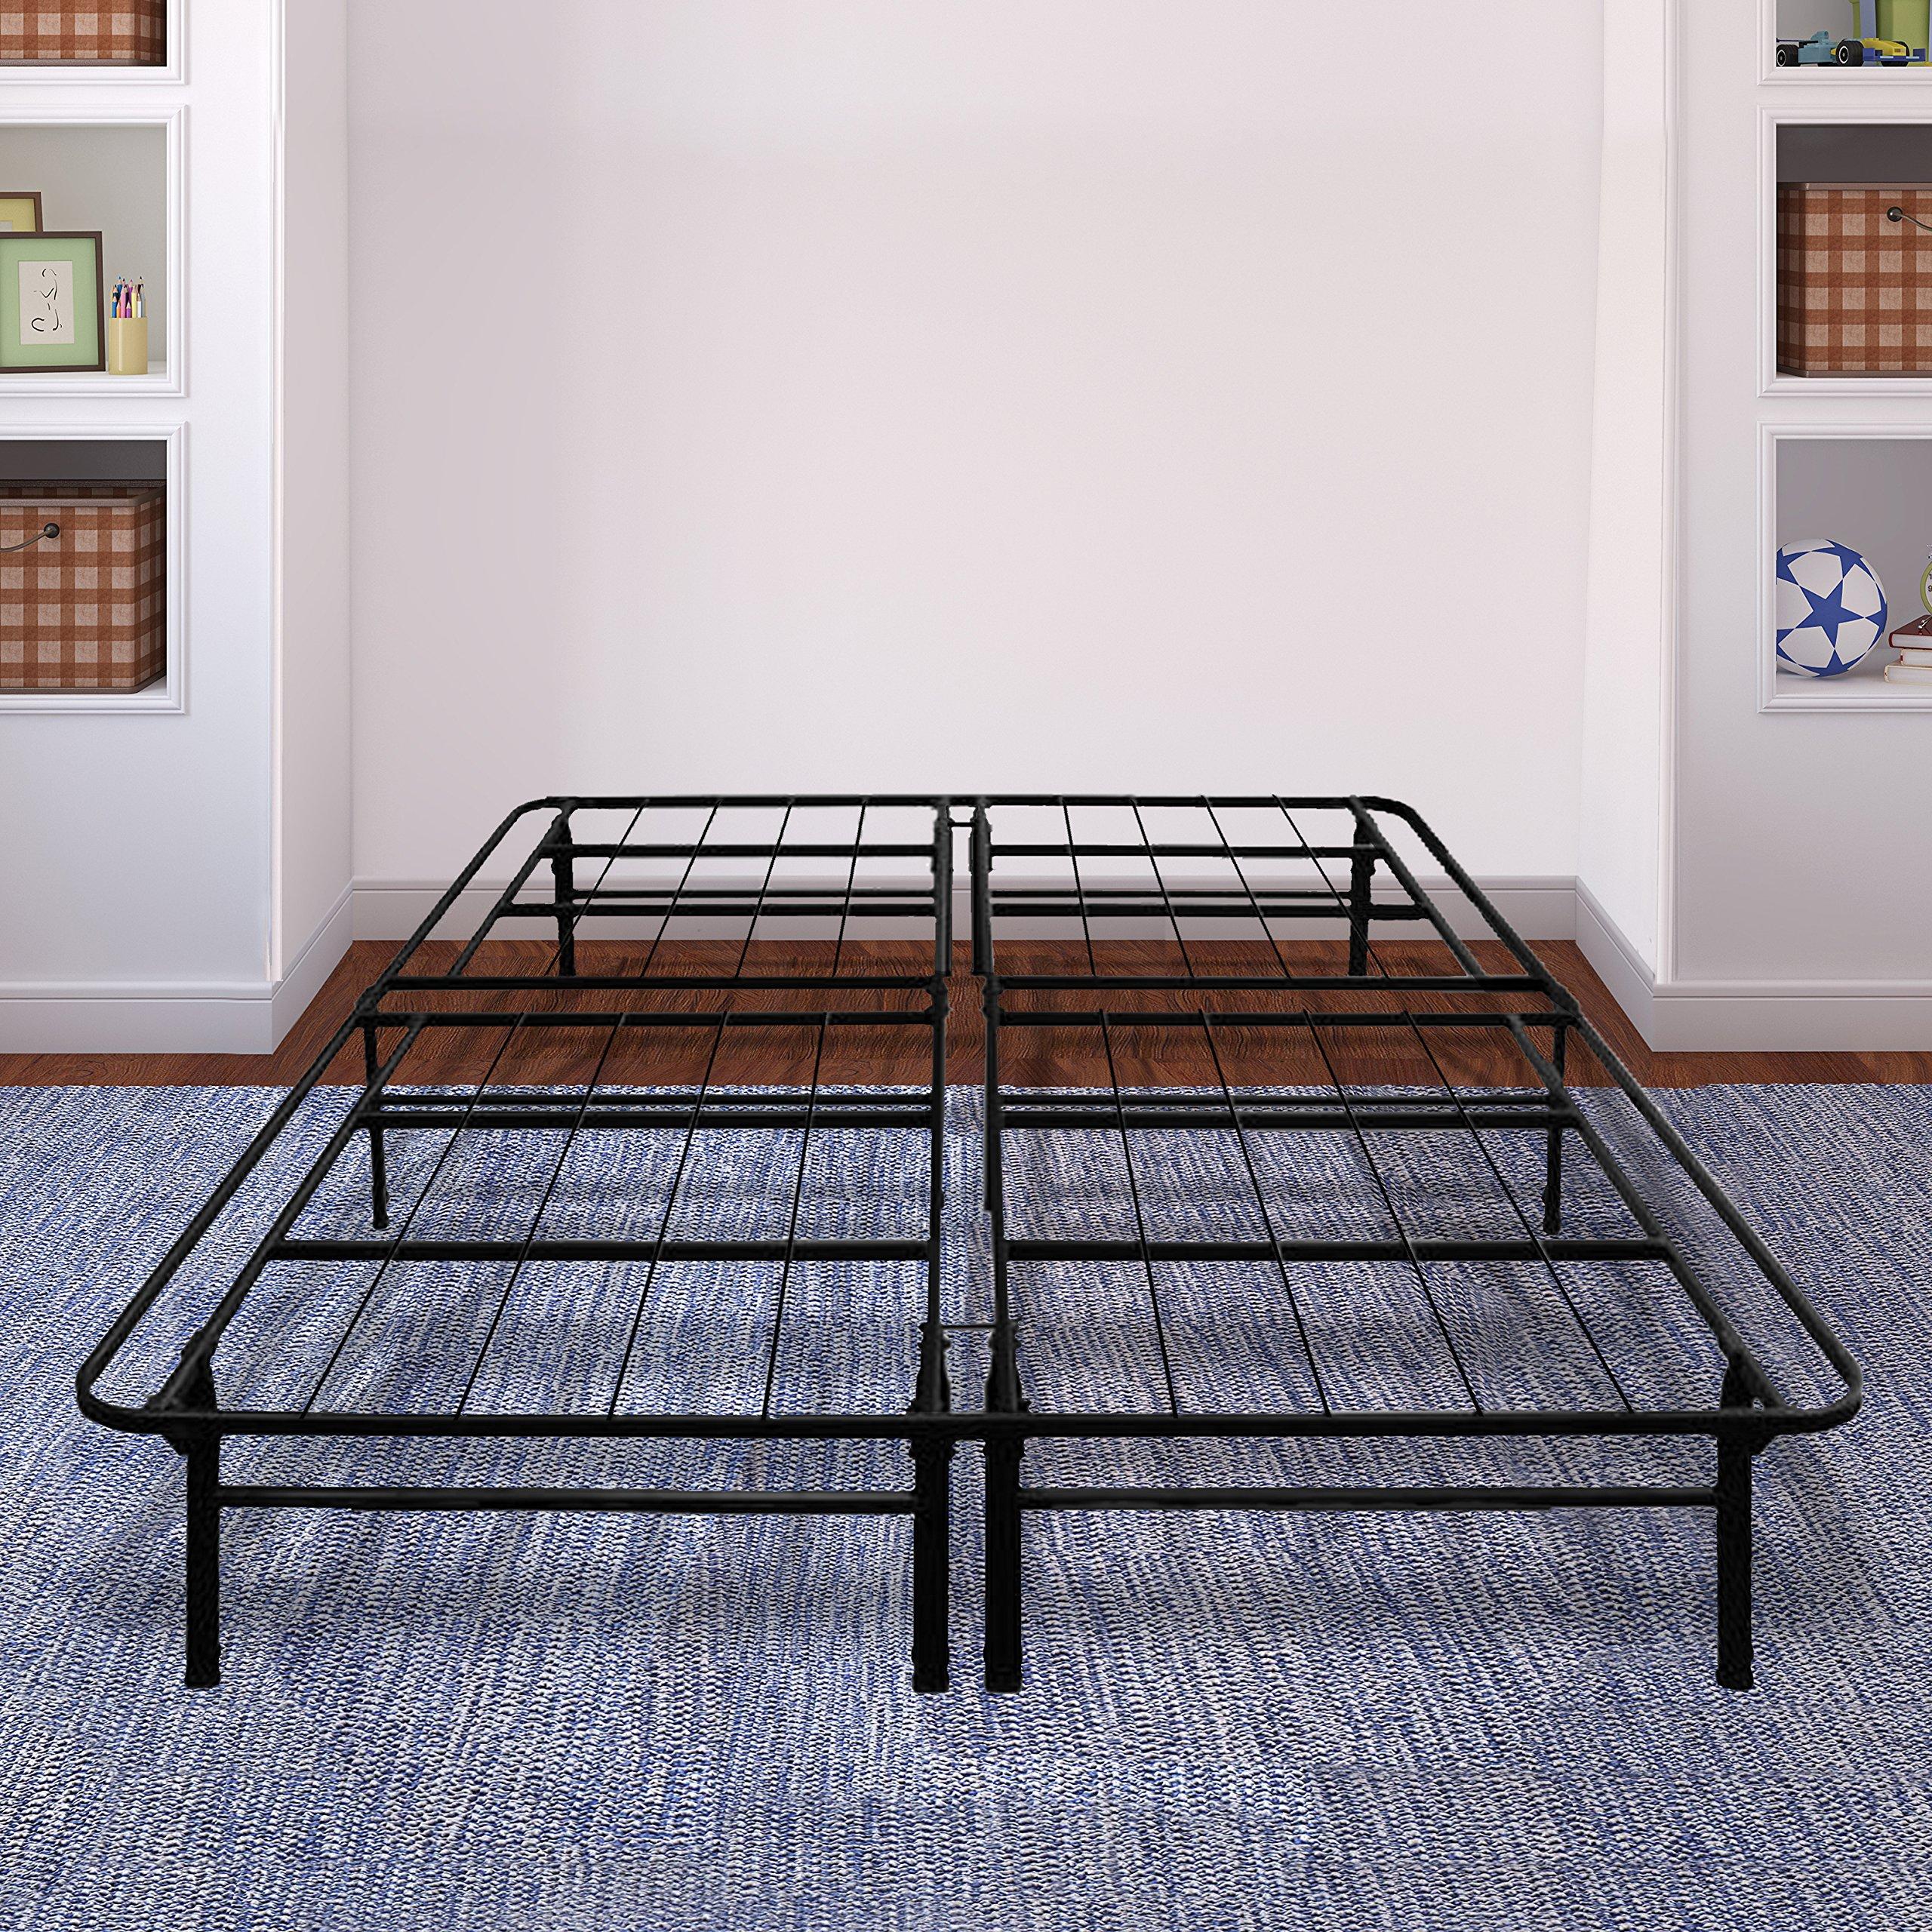 Best Price Mattress 14 Inch Premium Steel Bed Frame/Platform Bed,Queen